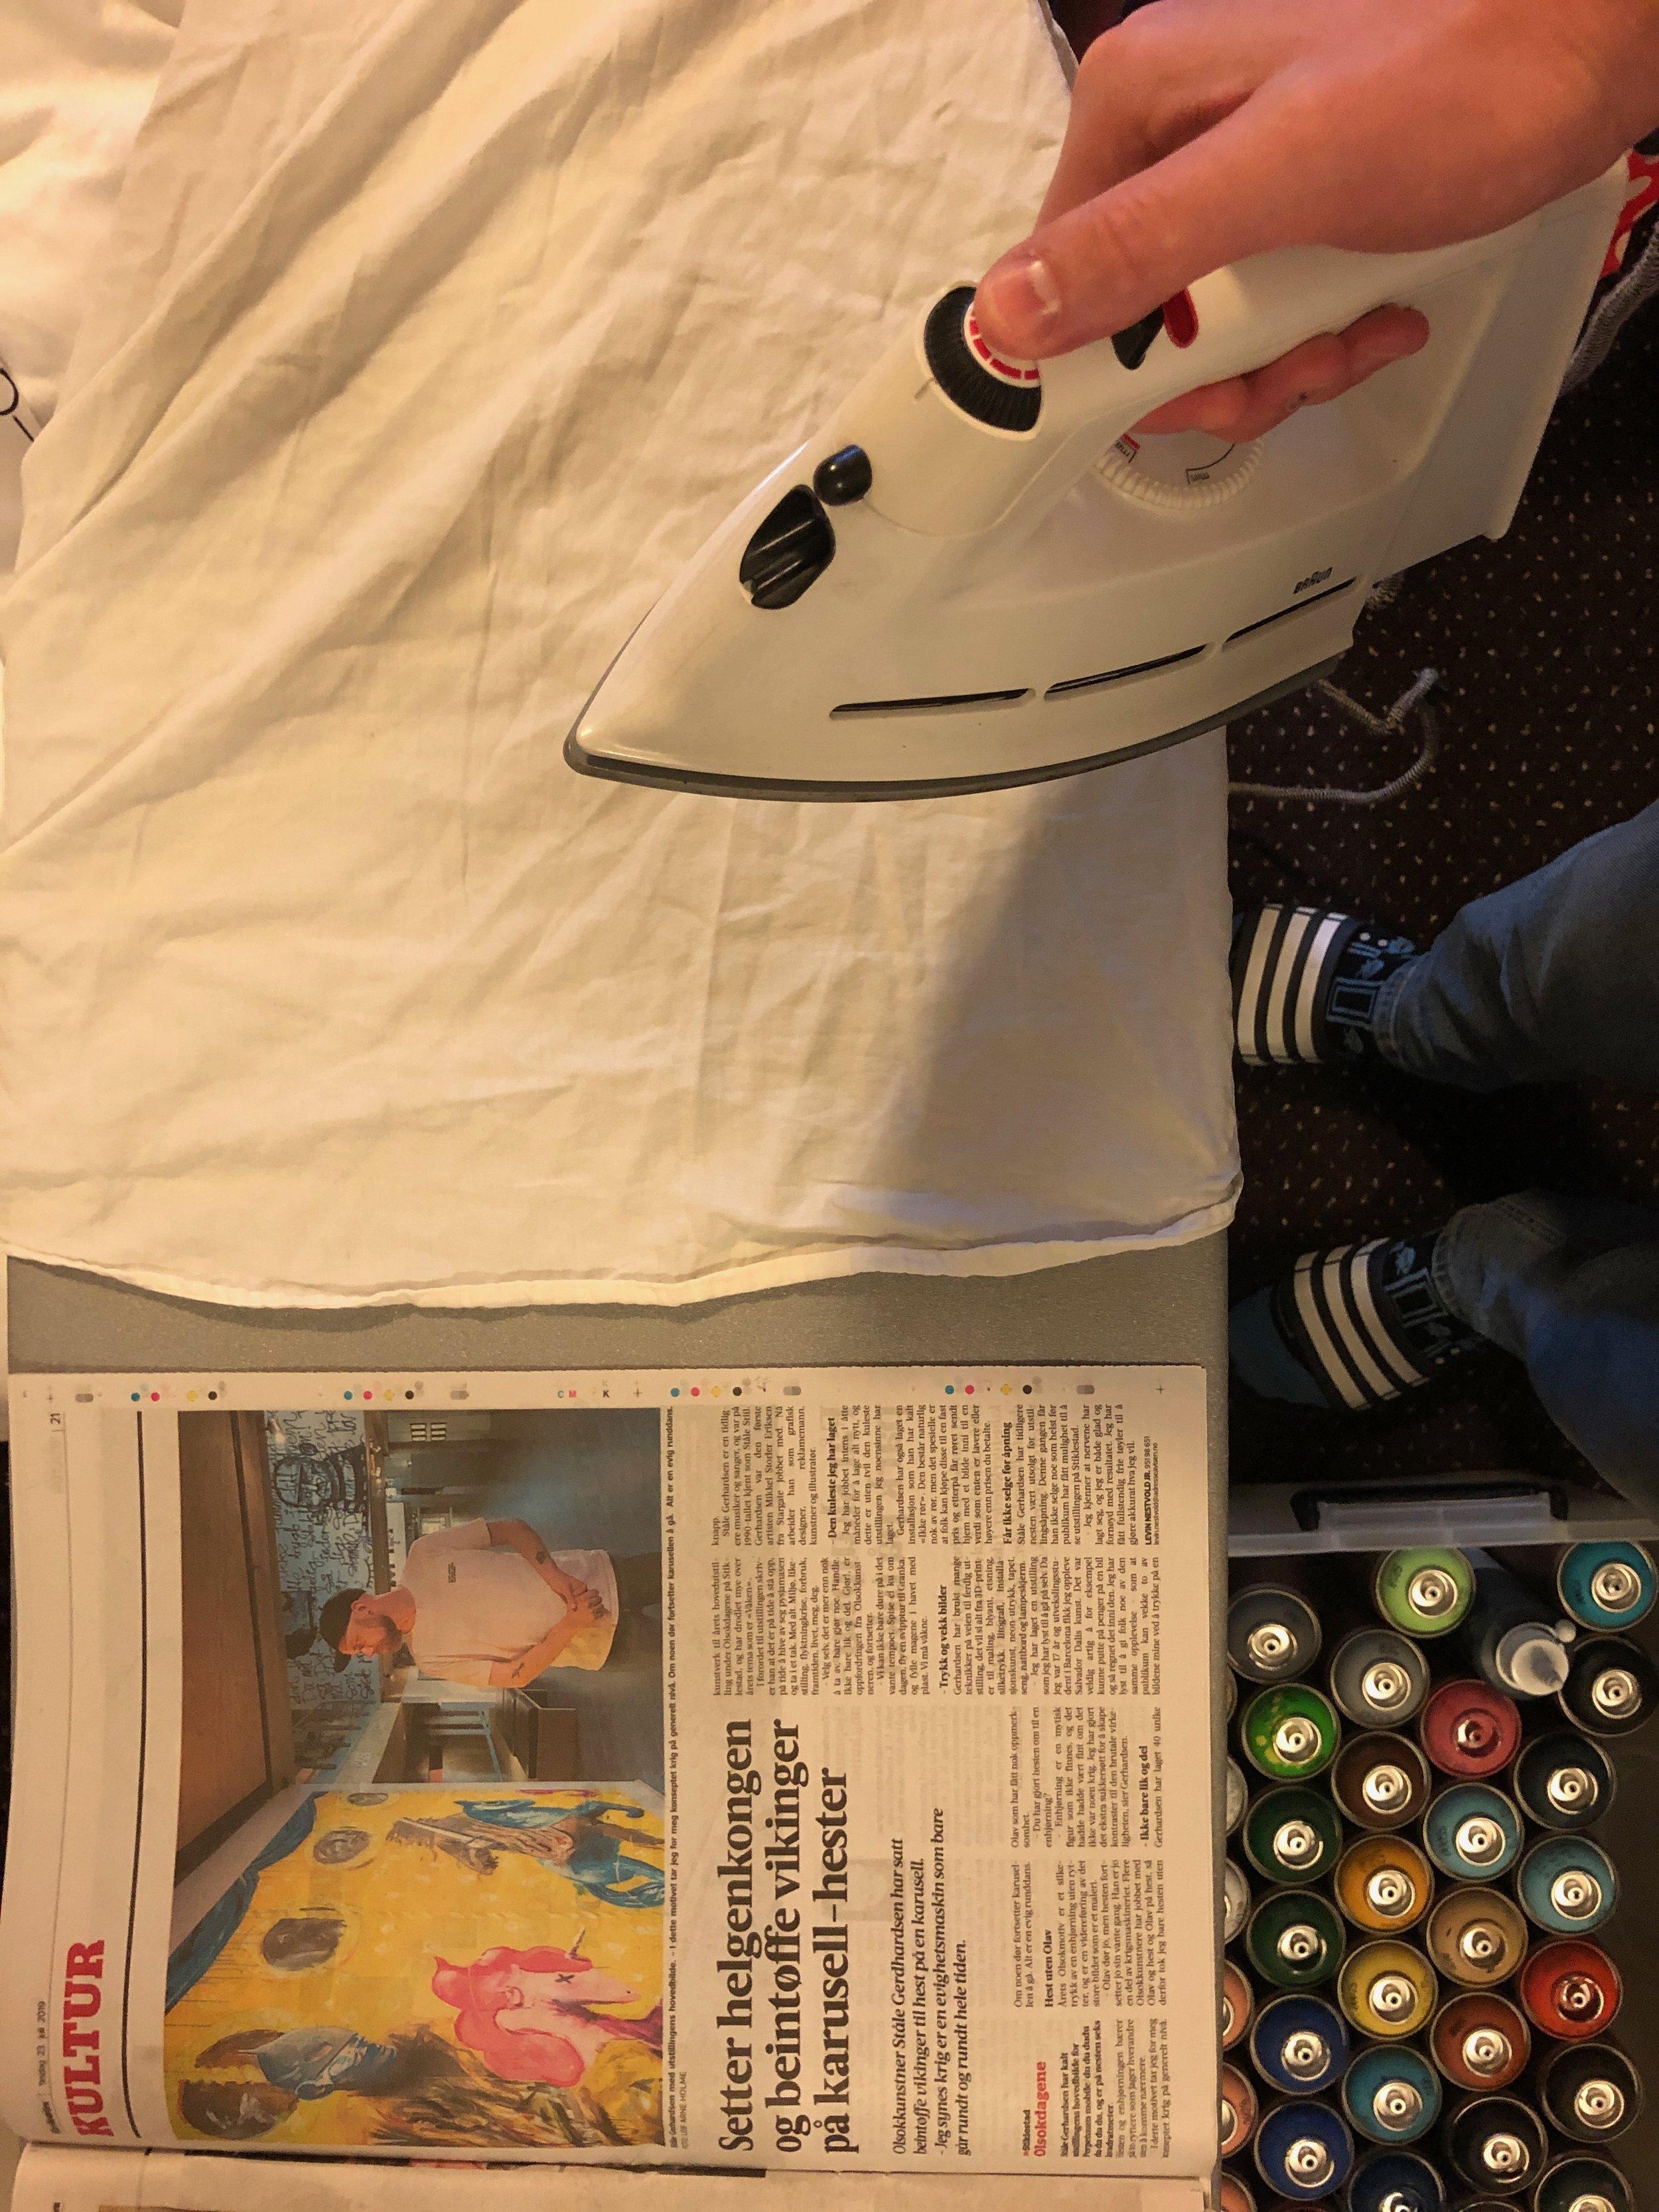 En sjelden mulighet. Stryke skjorte og lese om utstillinga si i avisen samtidig.